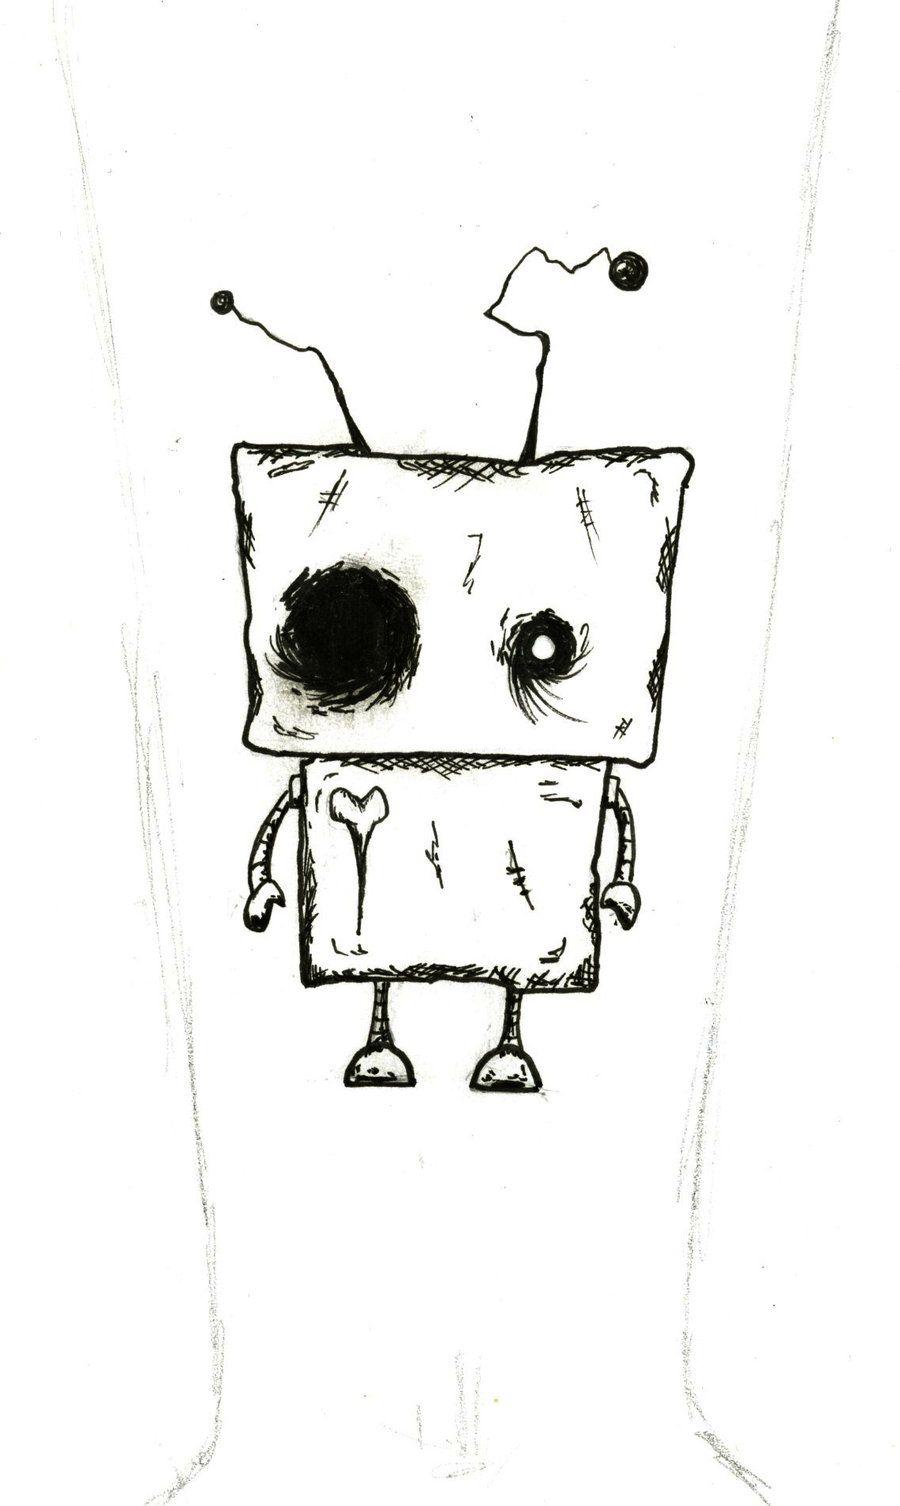 Broken Hearted Robot Tattoo By Bluescissors On Deviantart